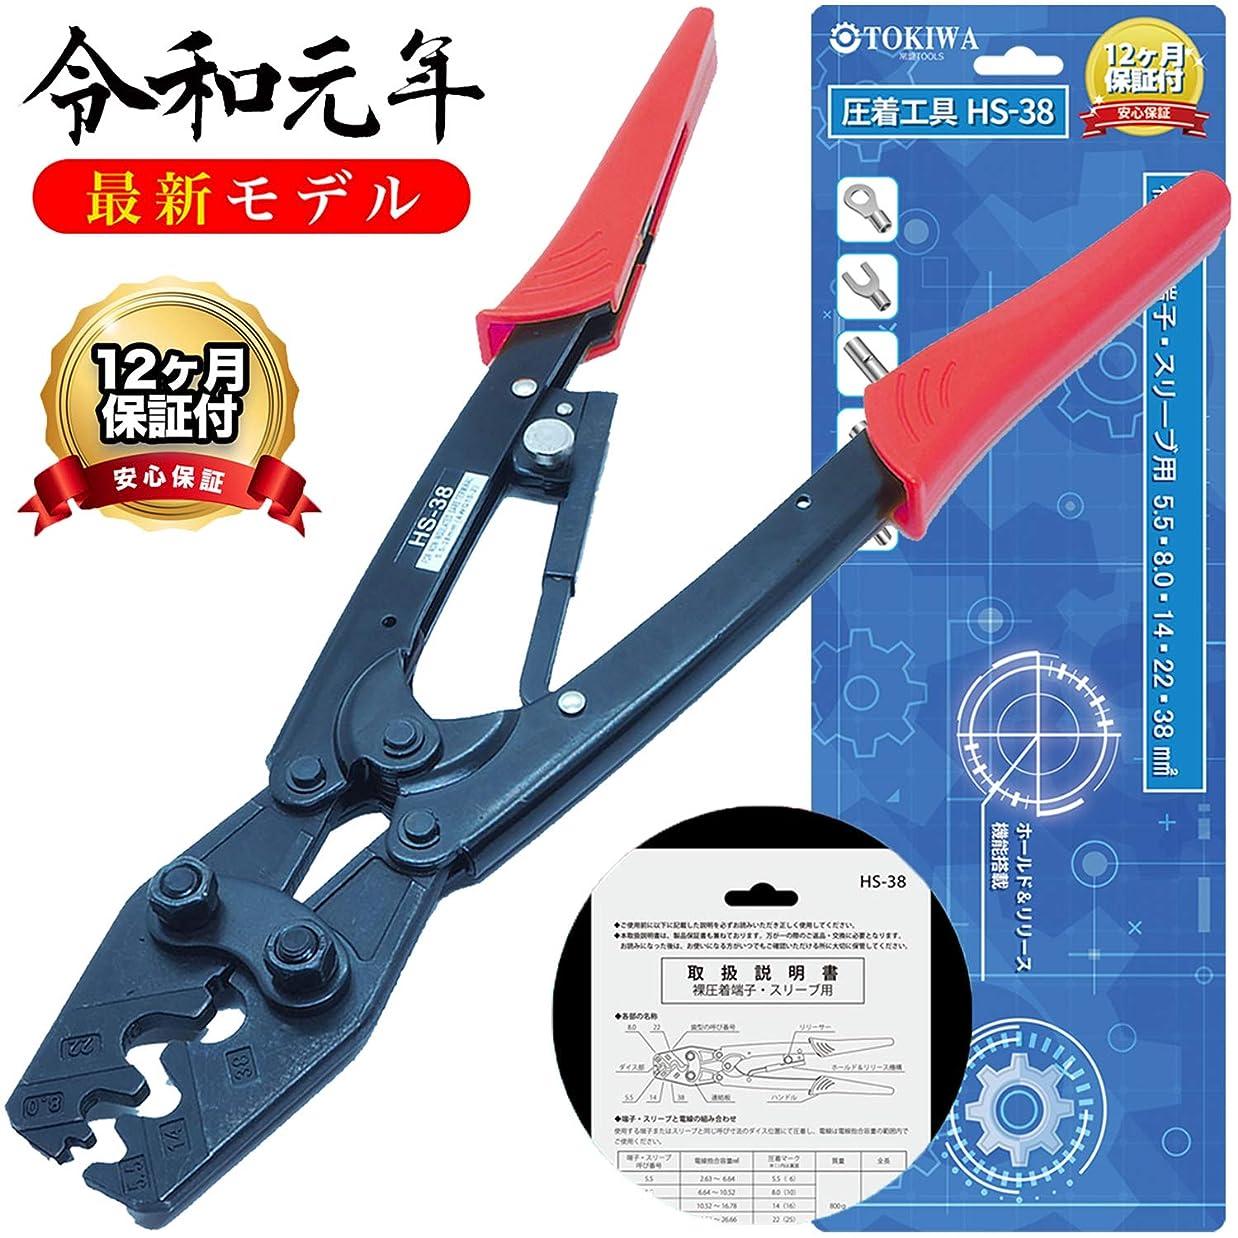 【常盤TOOLS】圧着電工ペンチ/リングスリーブ裸圧着端子かしめ工具/HS-38/5.5-38?